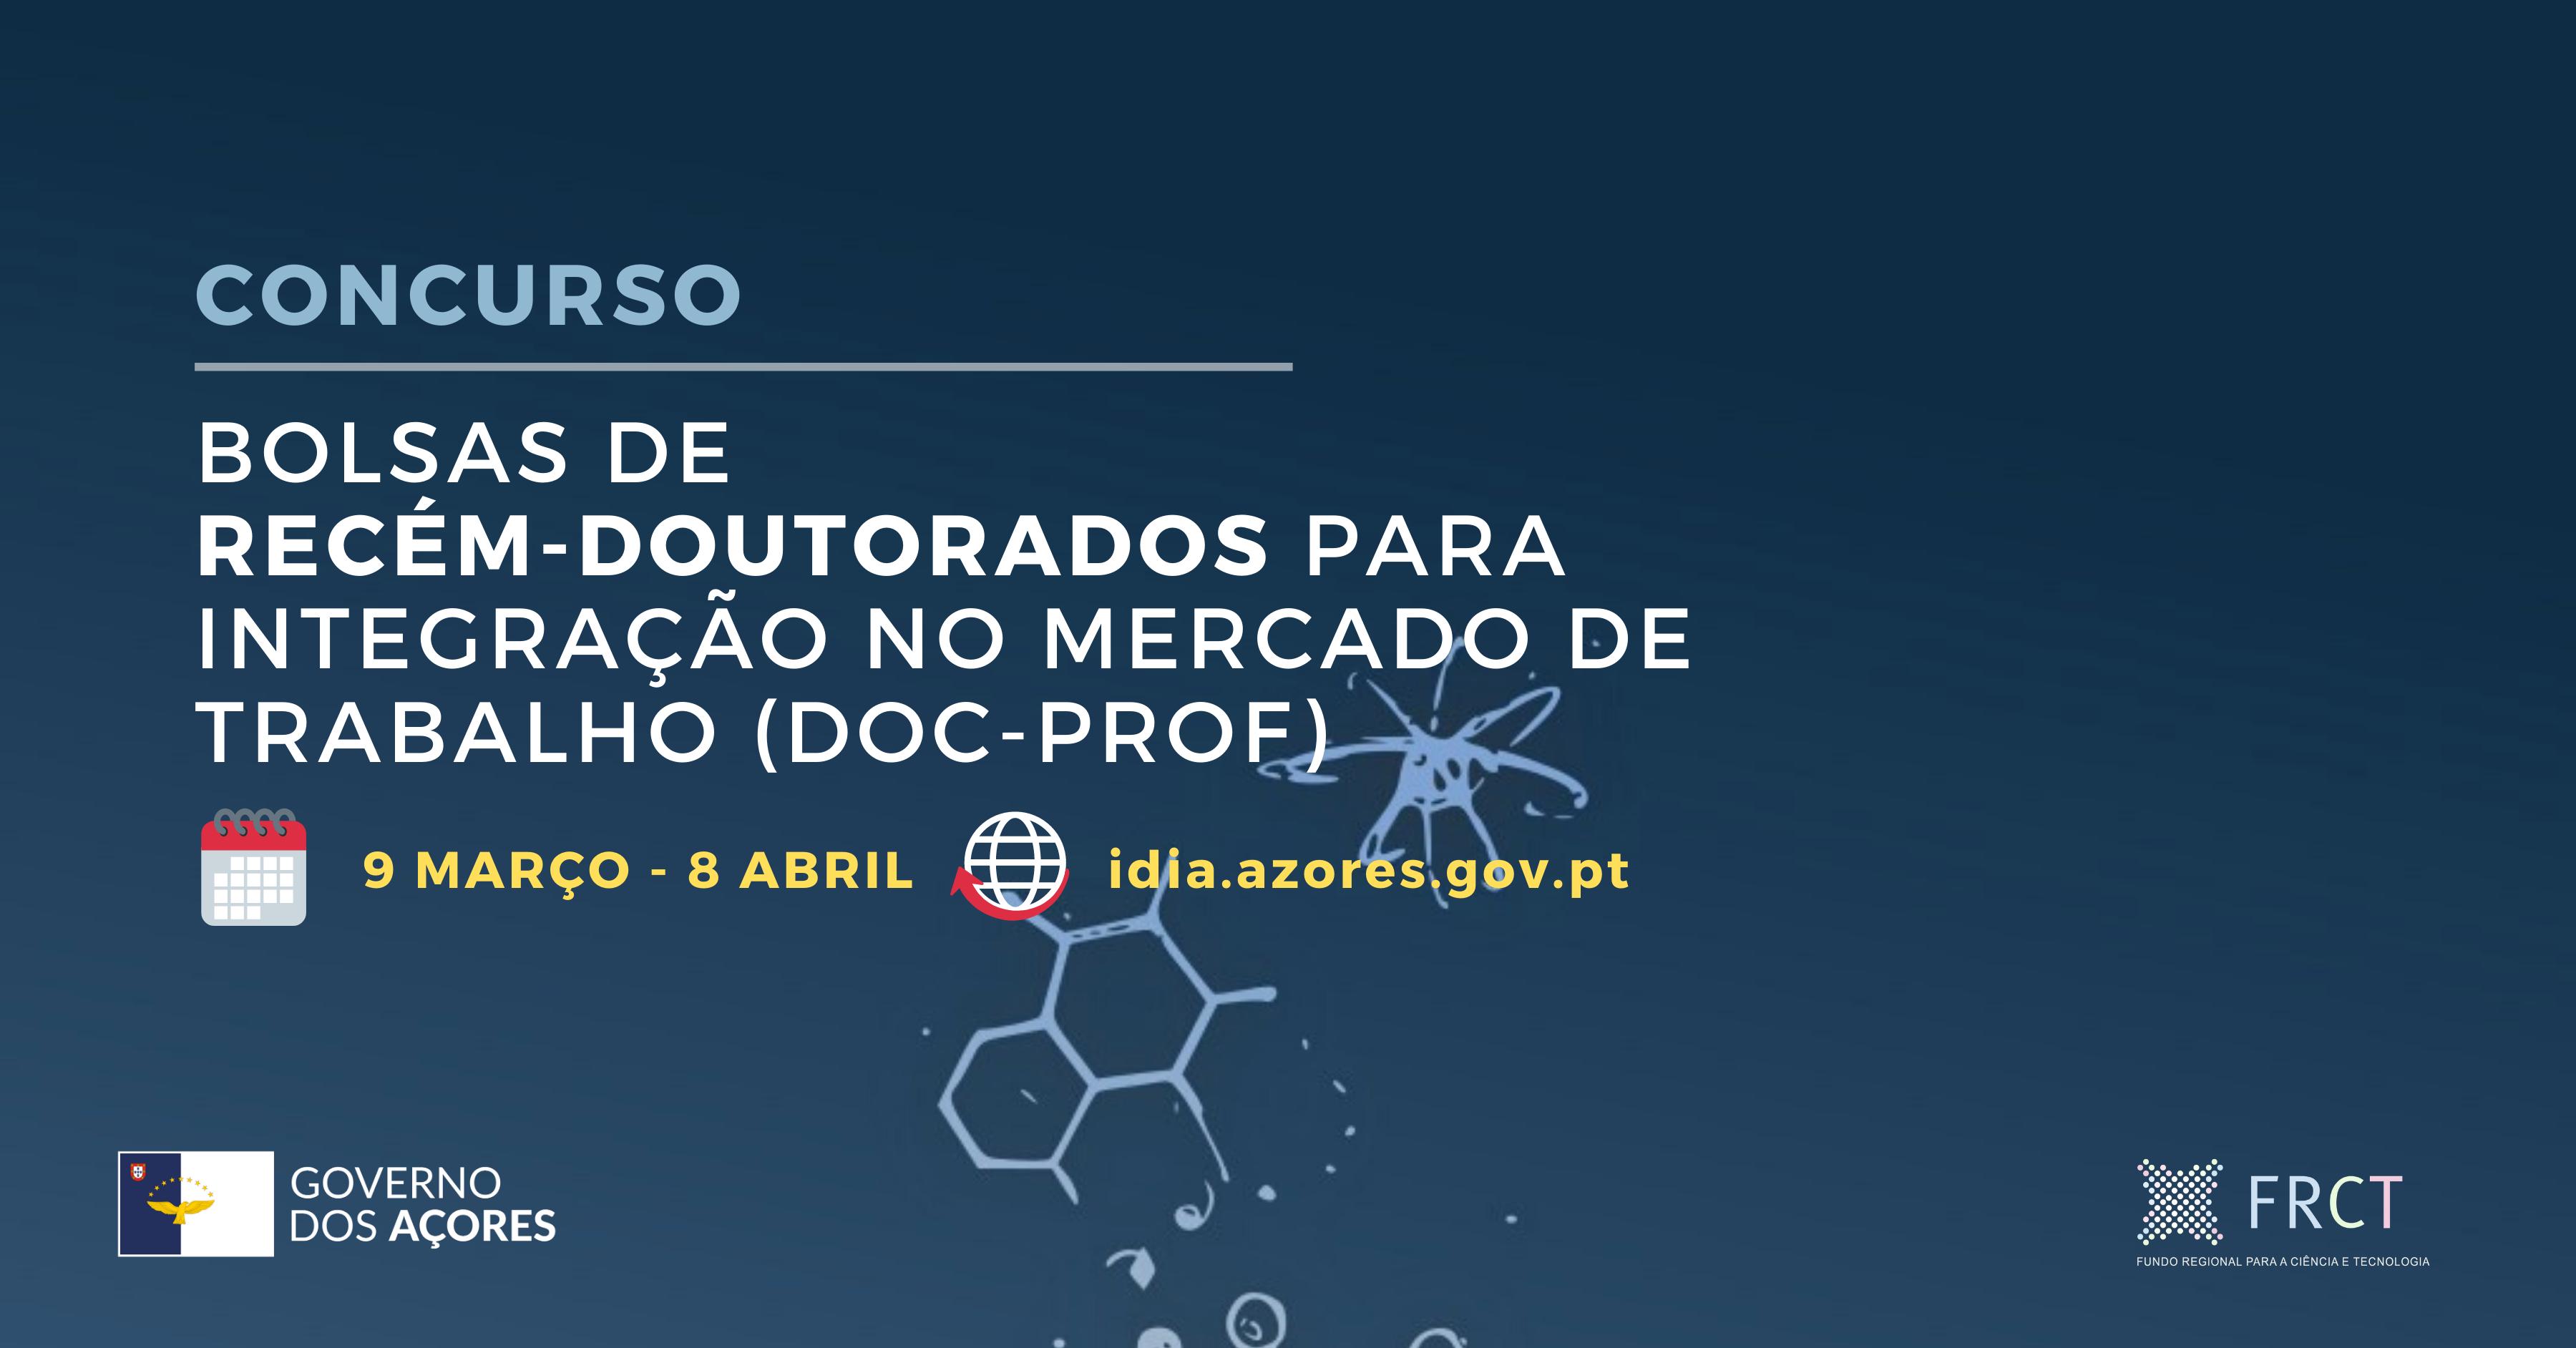 (AVISOS) Concurso para integração de recém-doutorados no mercado de trabalho – DOC-PROF